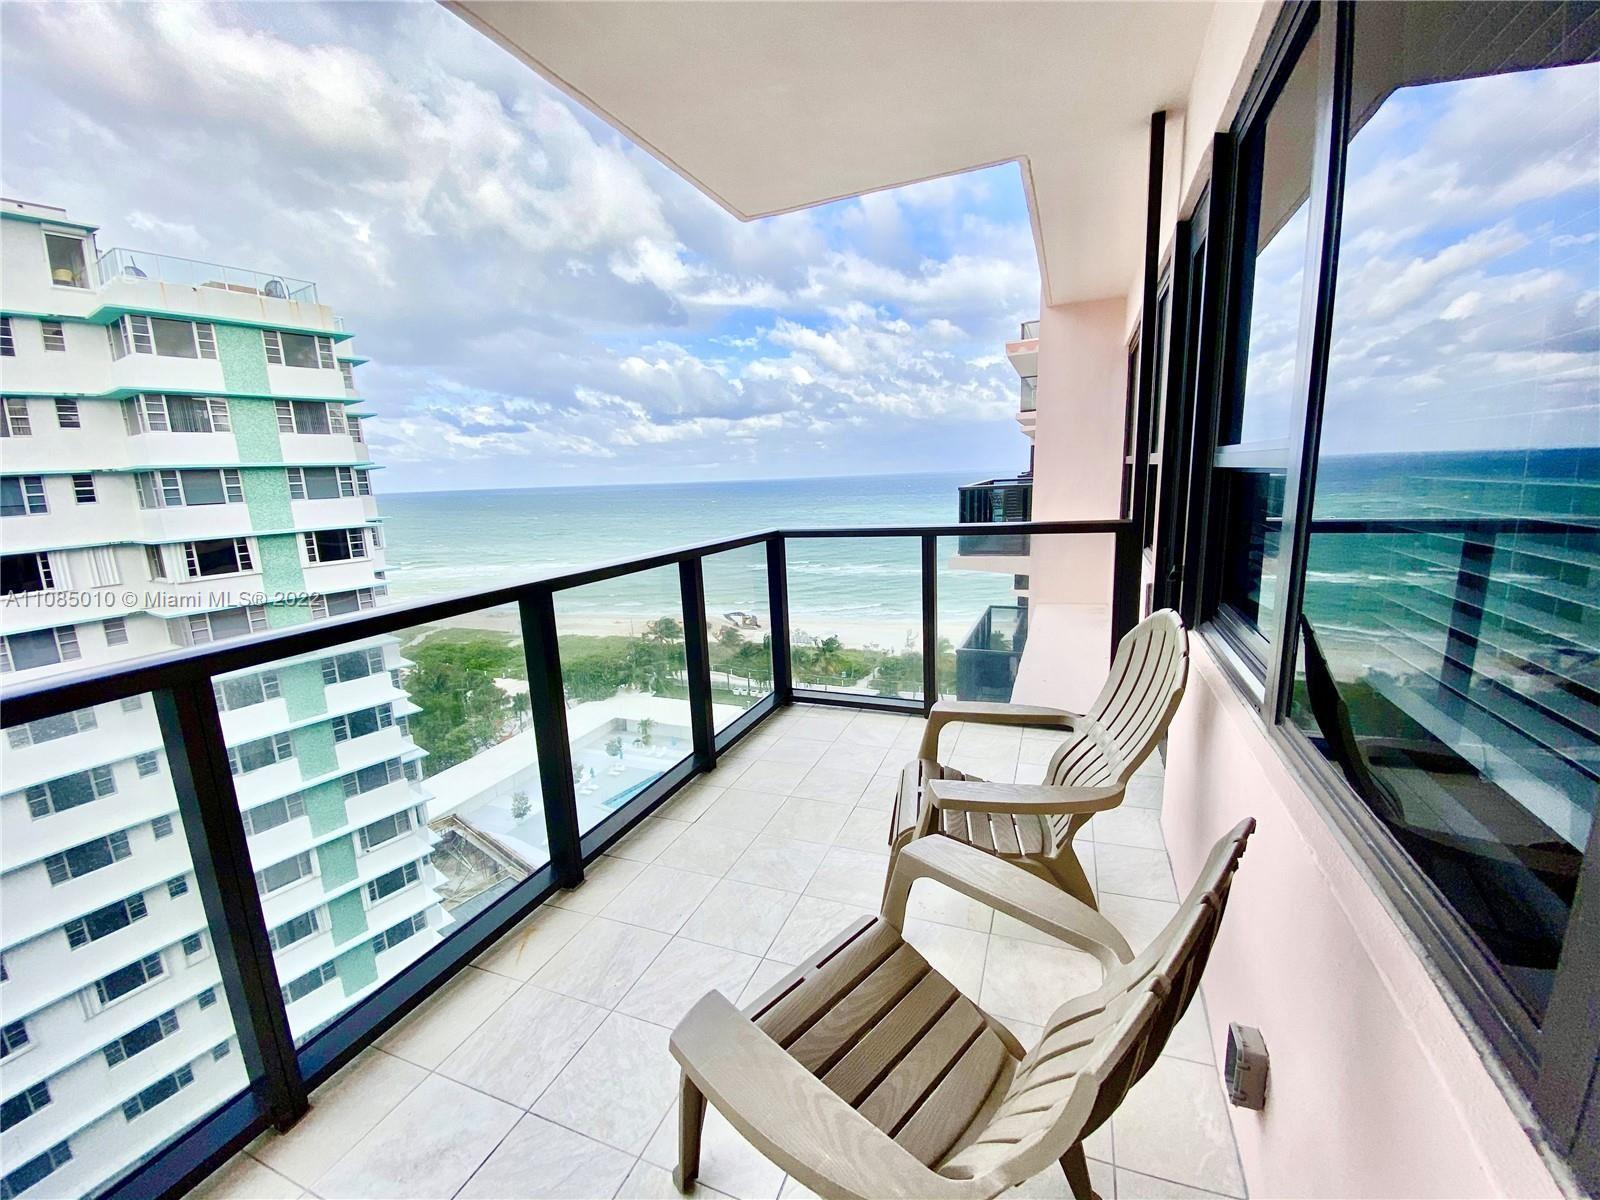 5225 Collins Ave #1608, Miami Beach, FL 33140 - #: A11085010